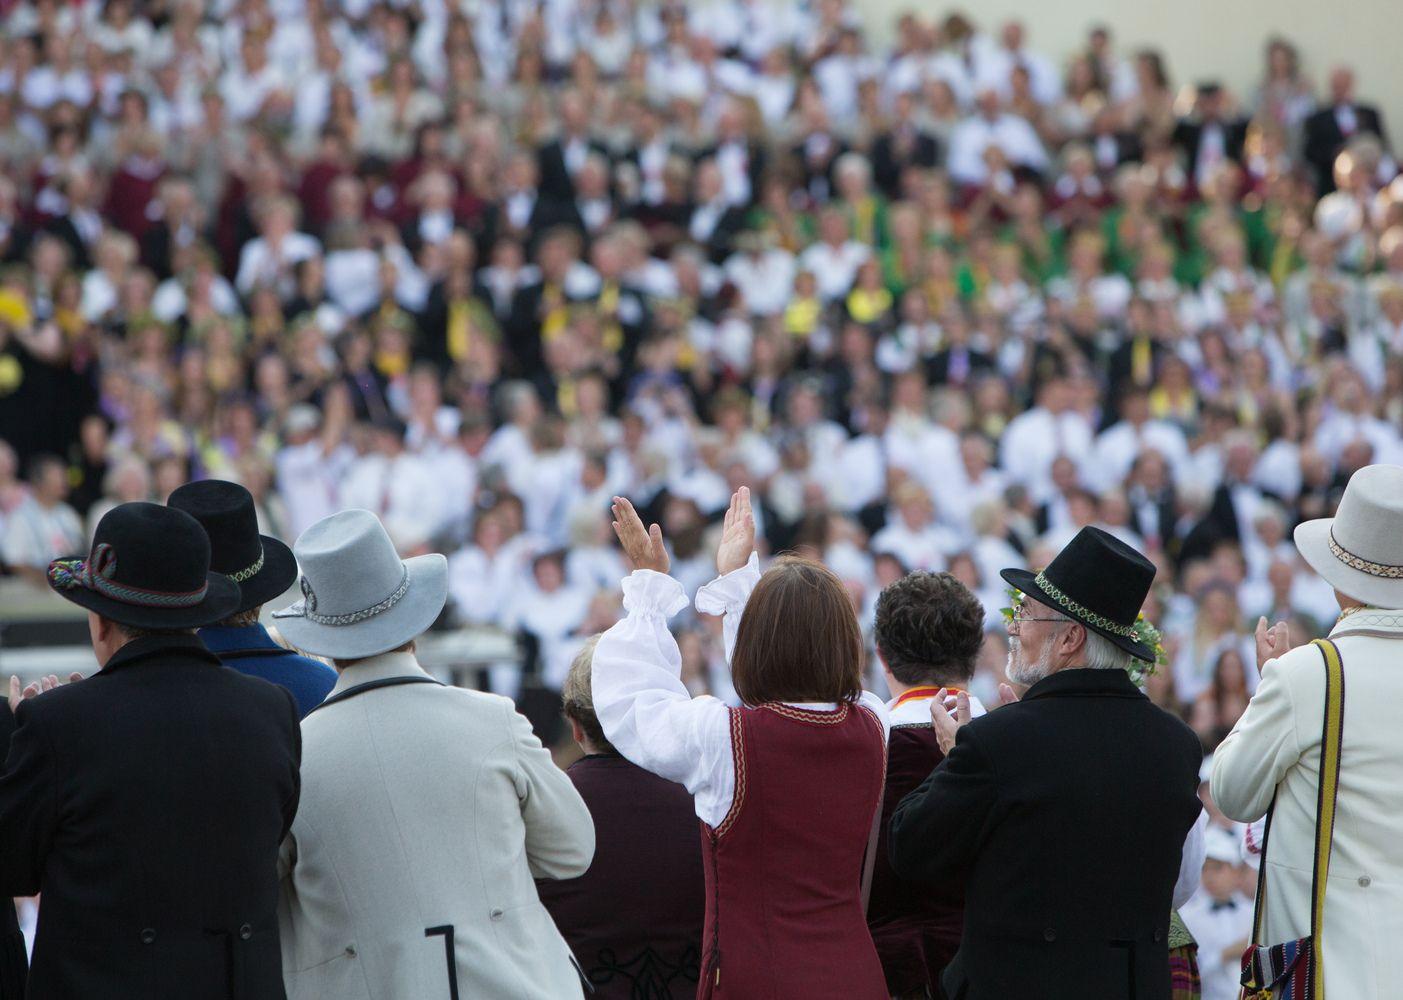 Dainų šventės dalyvių maitinimu suskubo rūpintis verslai